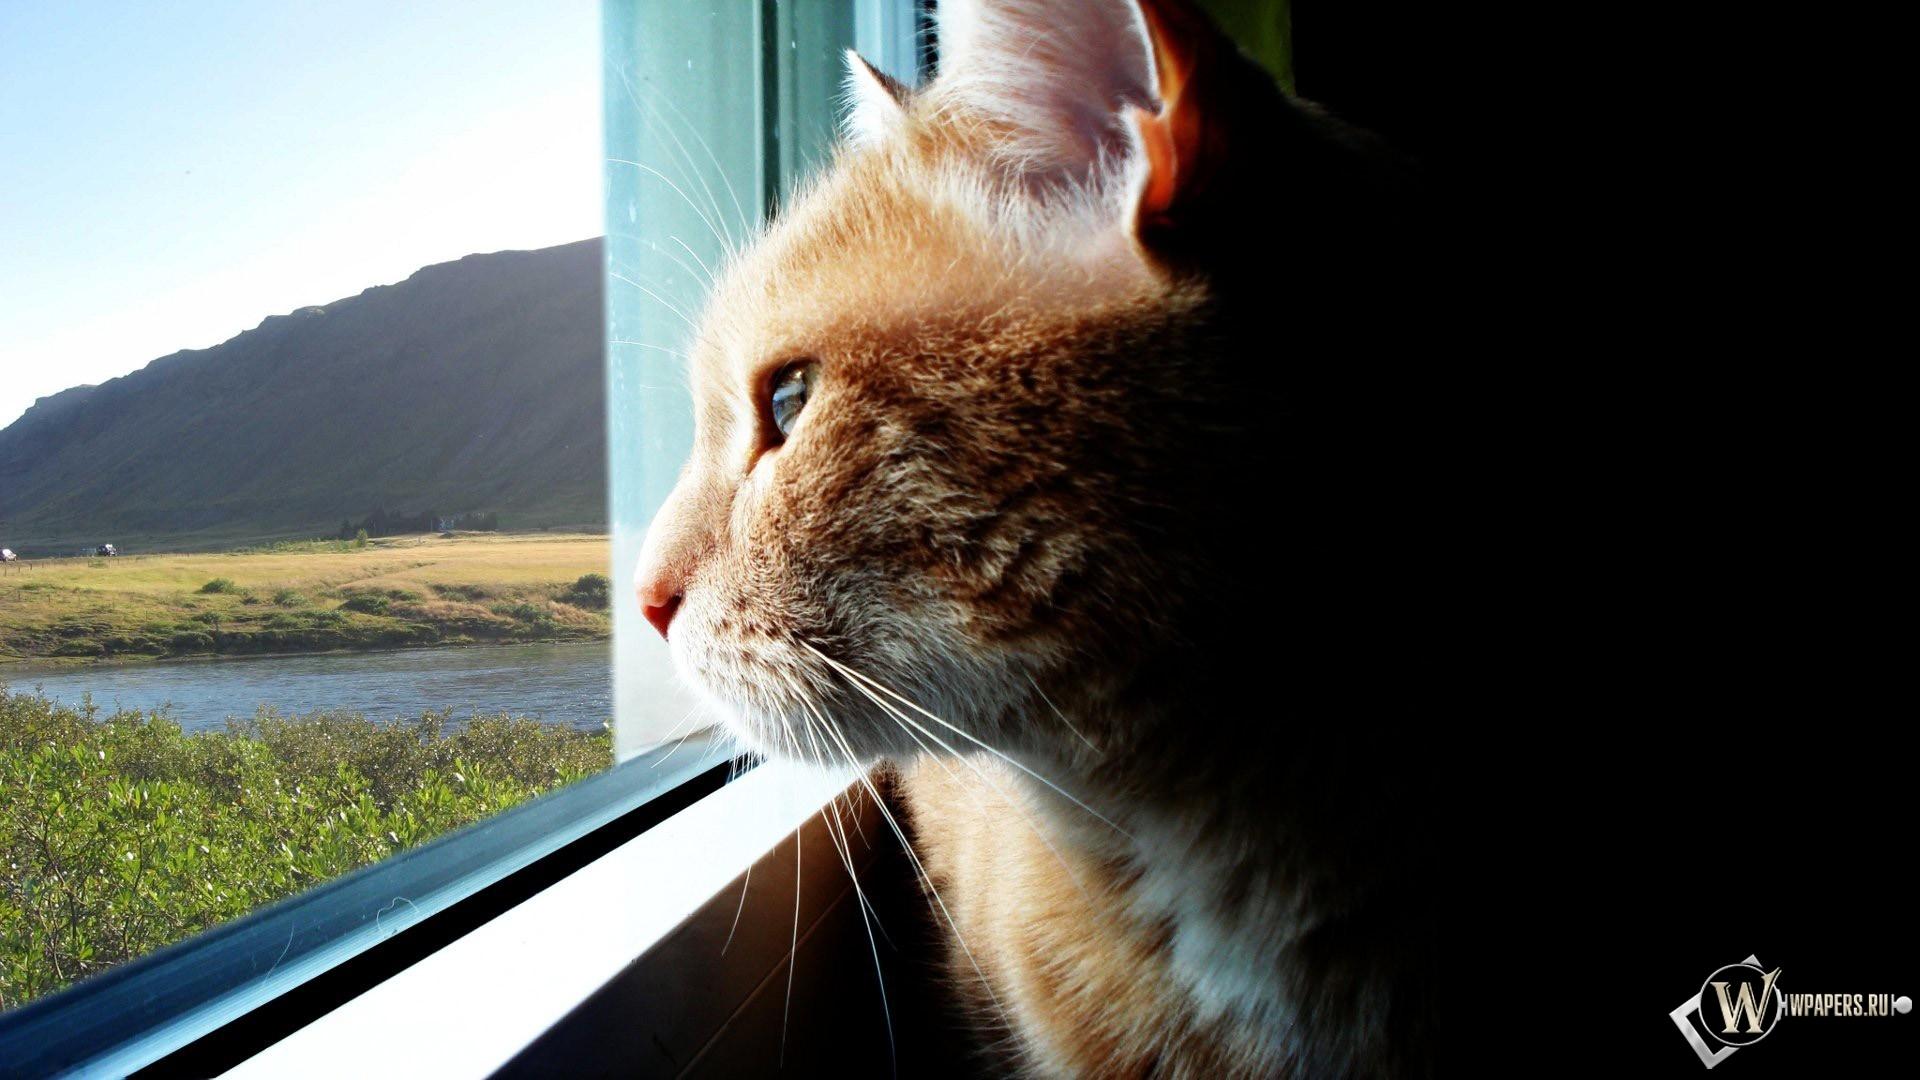 Кот смотрящий в даль 1920x1080